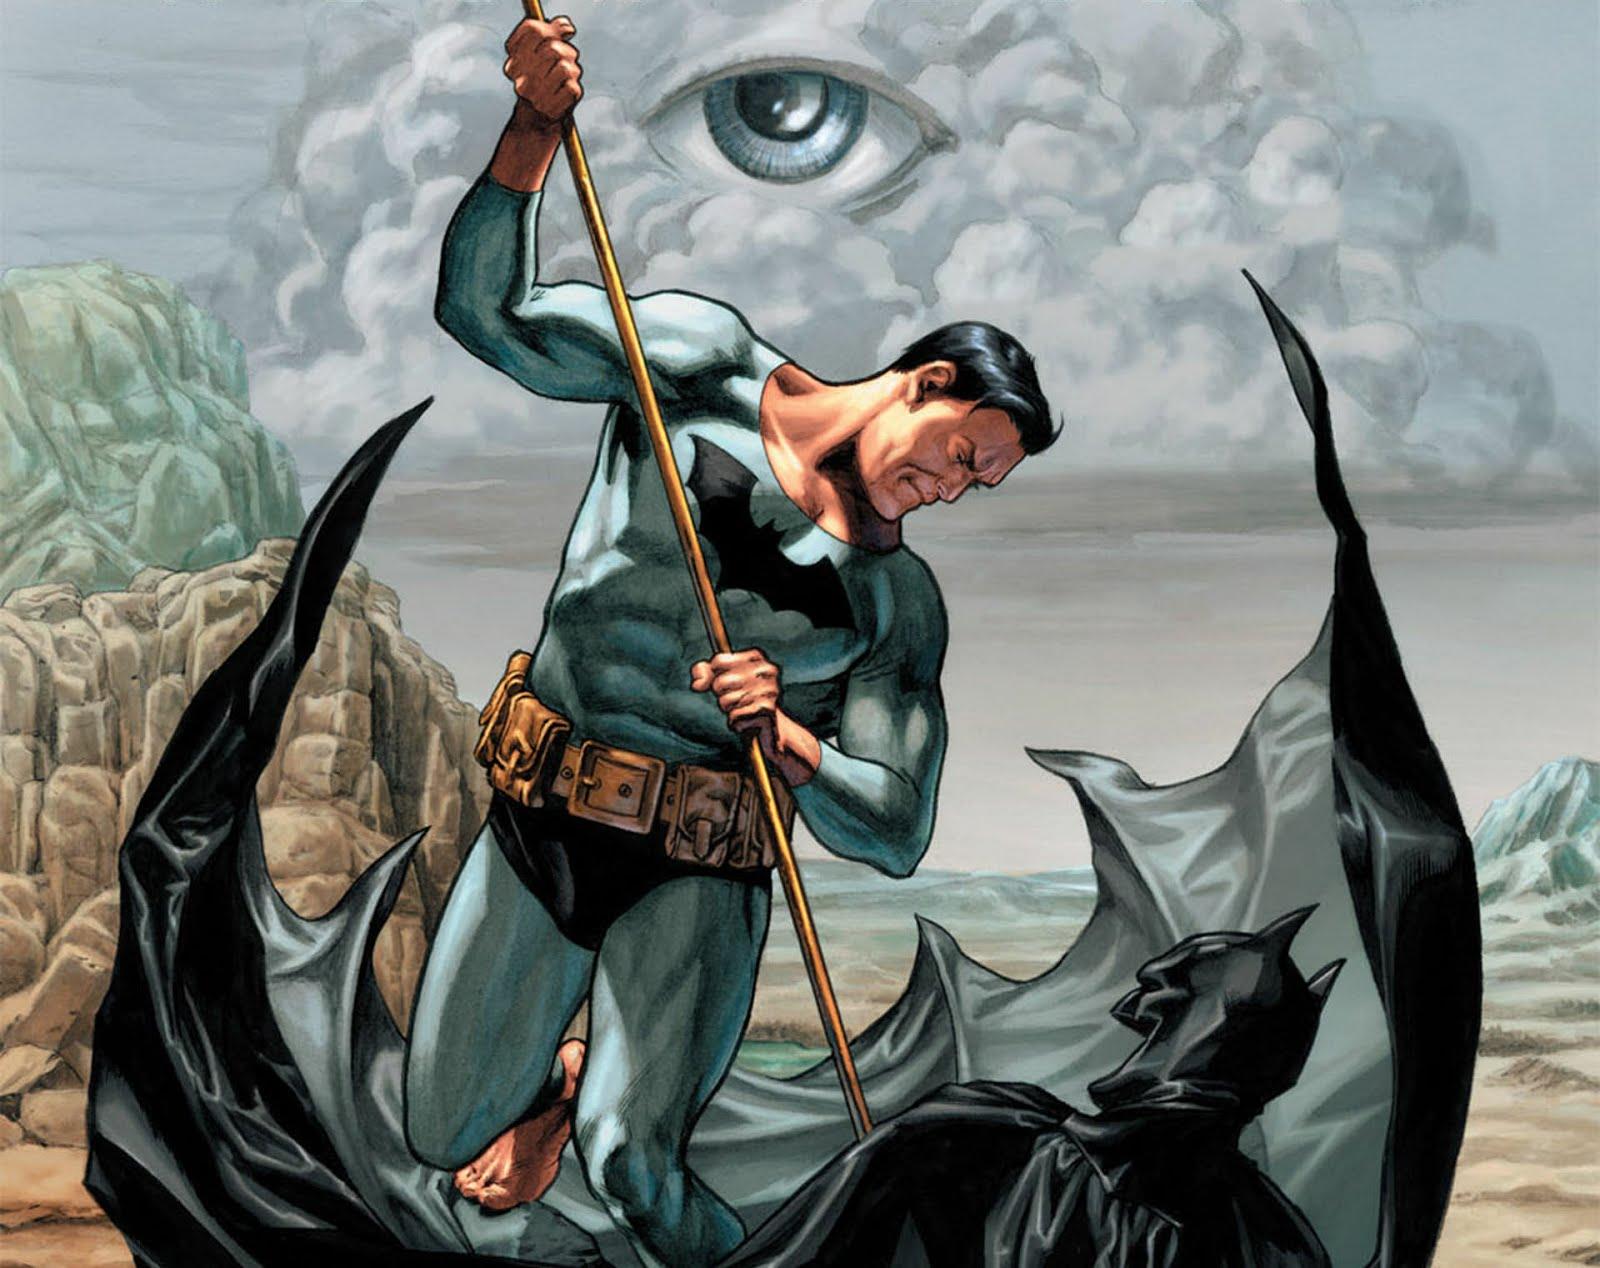 Batman Comic Wallpaper